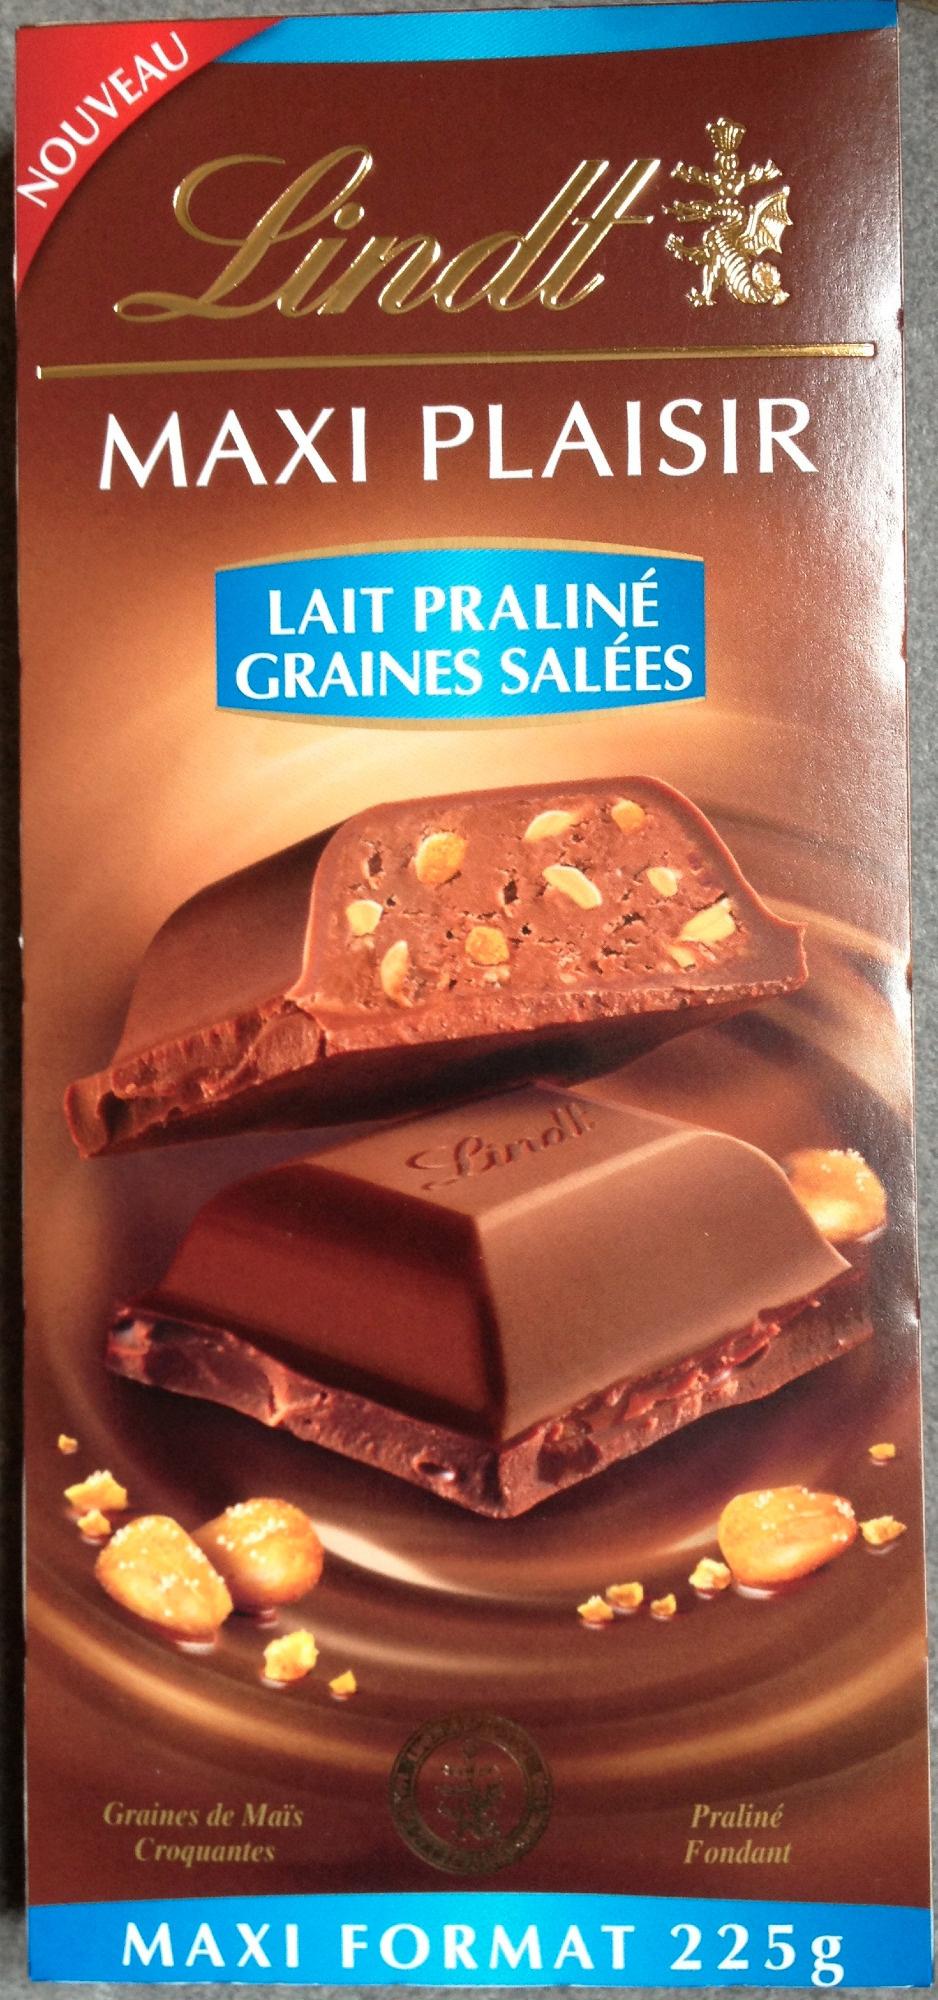 Maxi plaisir. Lait praliné graines salées - Product - fr